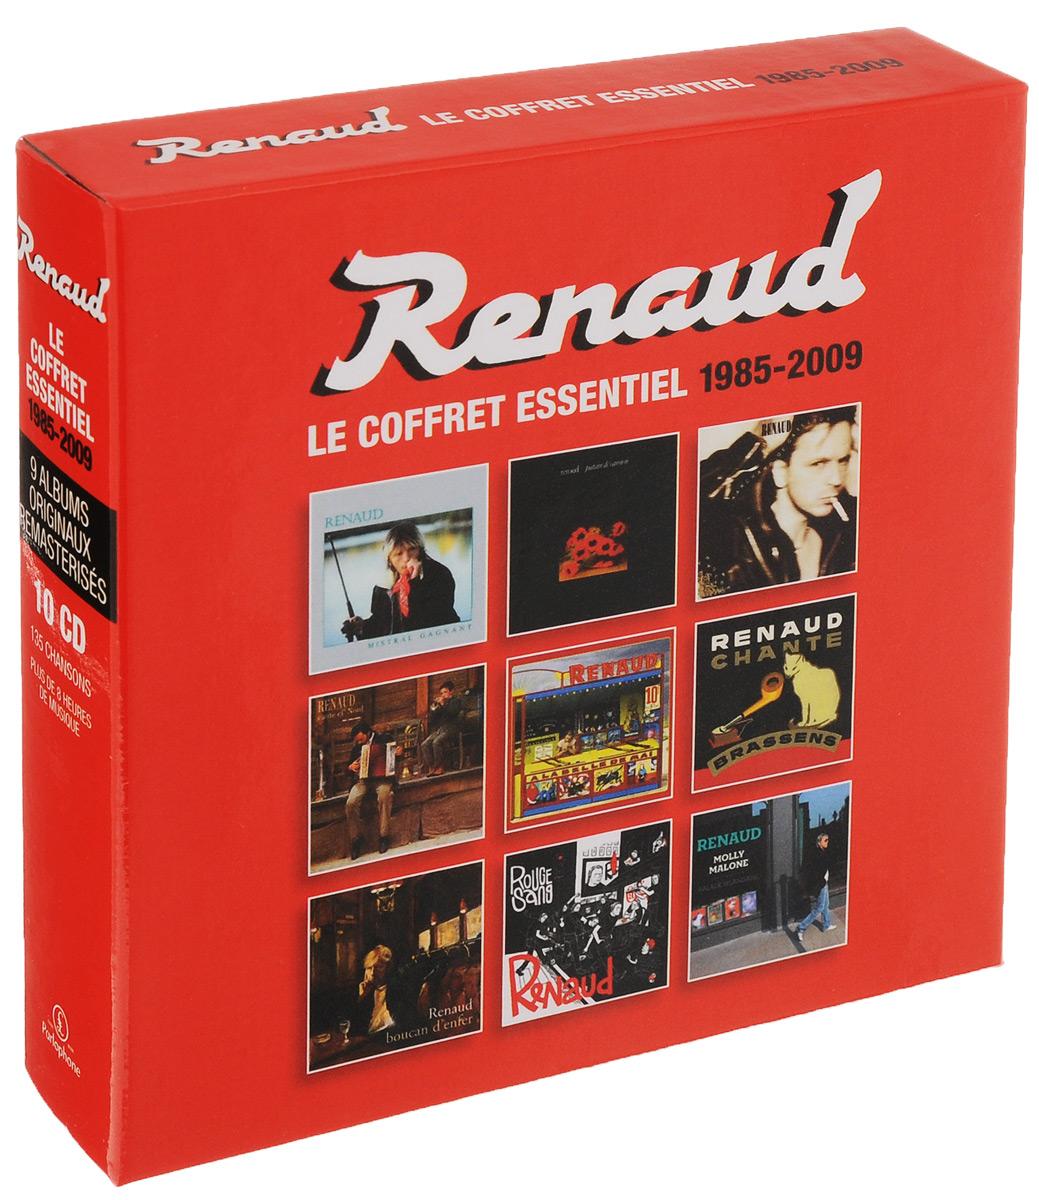 Renaud,Pierre Manuel Sechan Renaud Renaud. Coffret Essentiel. 1985-2009 (10 CD) east–west healing